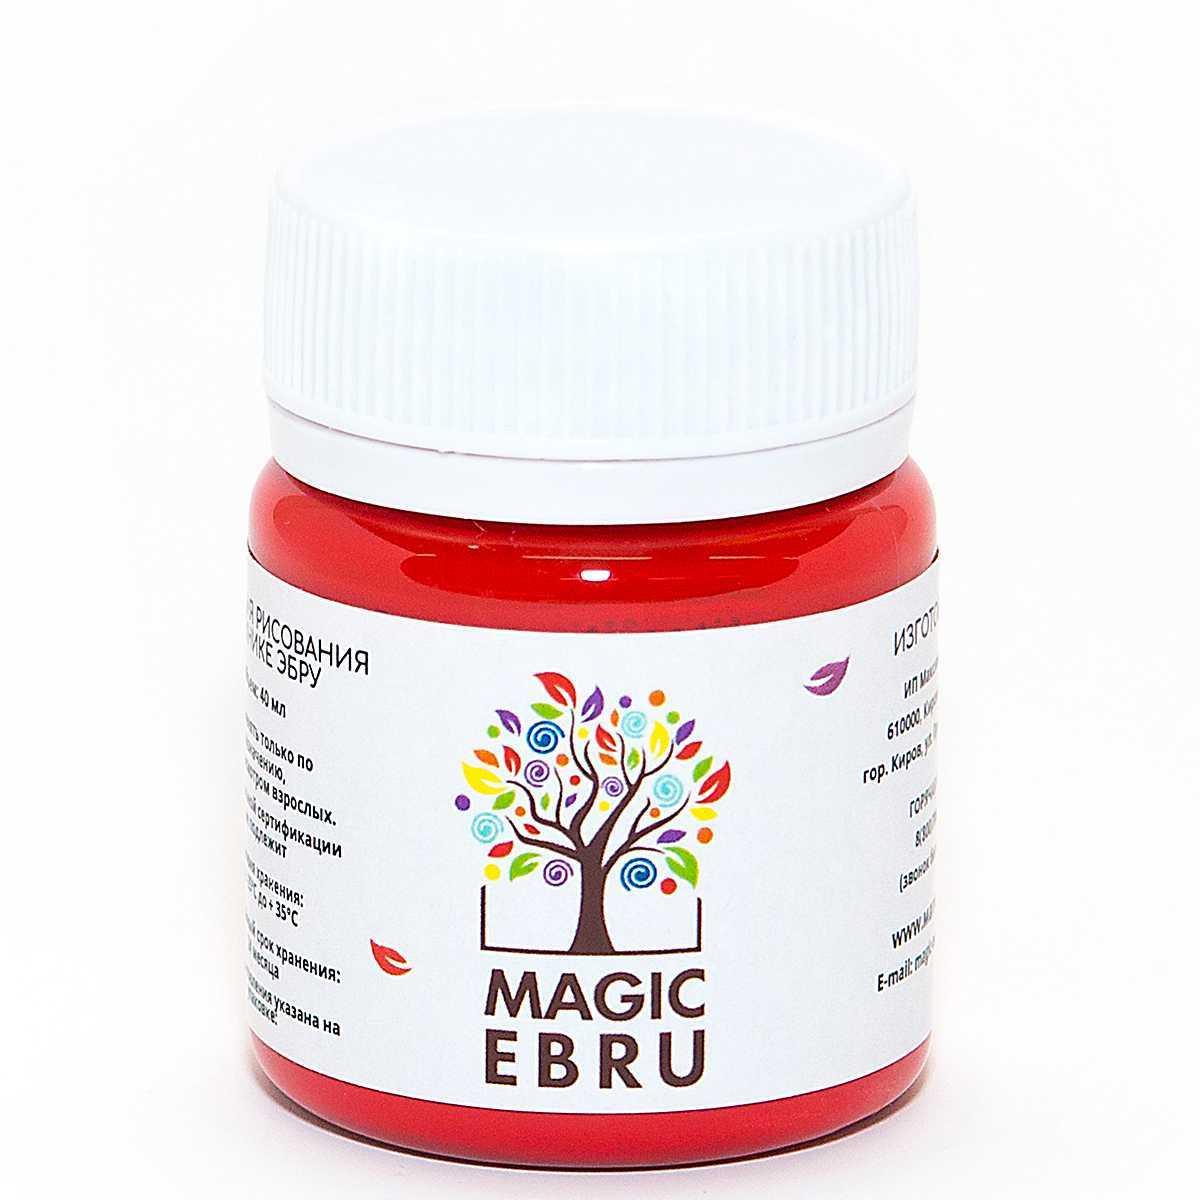 Купить Краска Magic EBRU 40 мл, красная, Россия